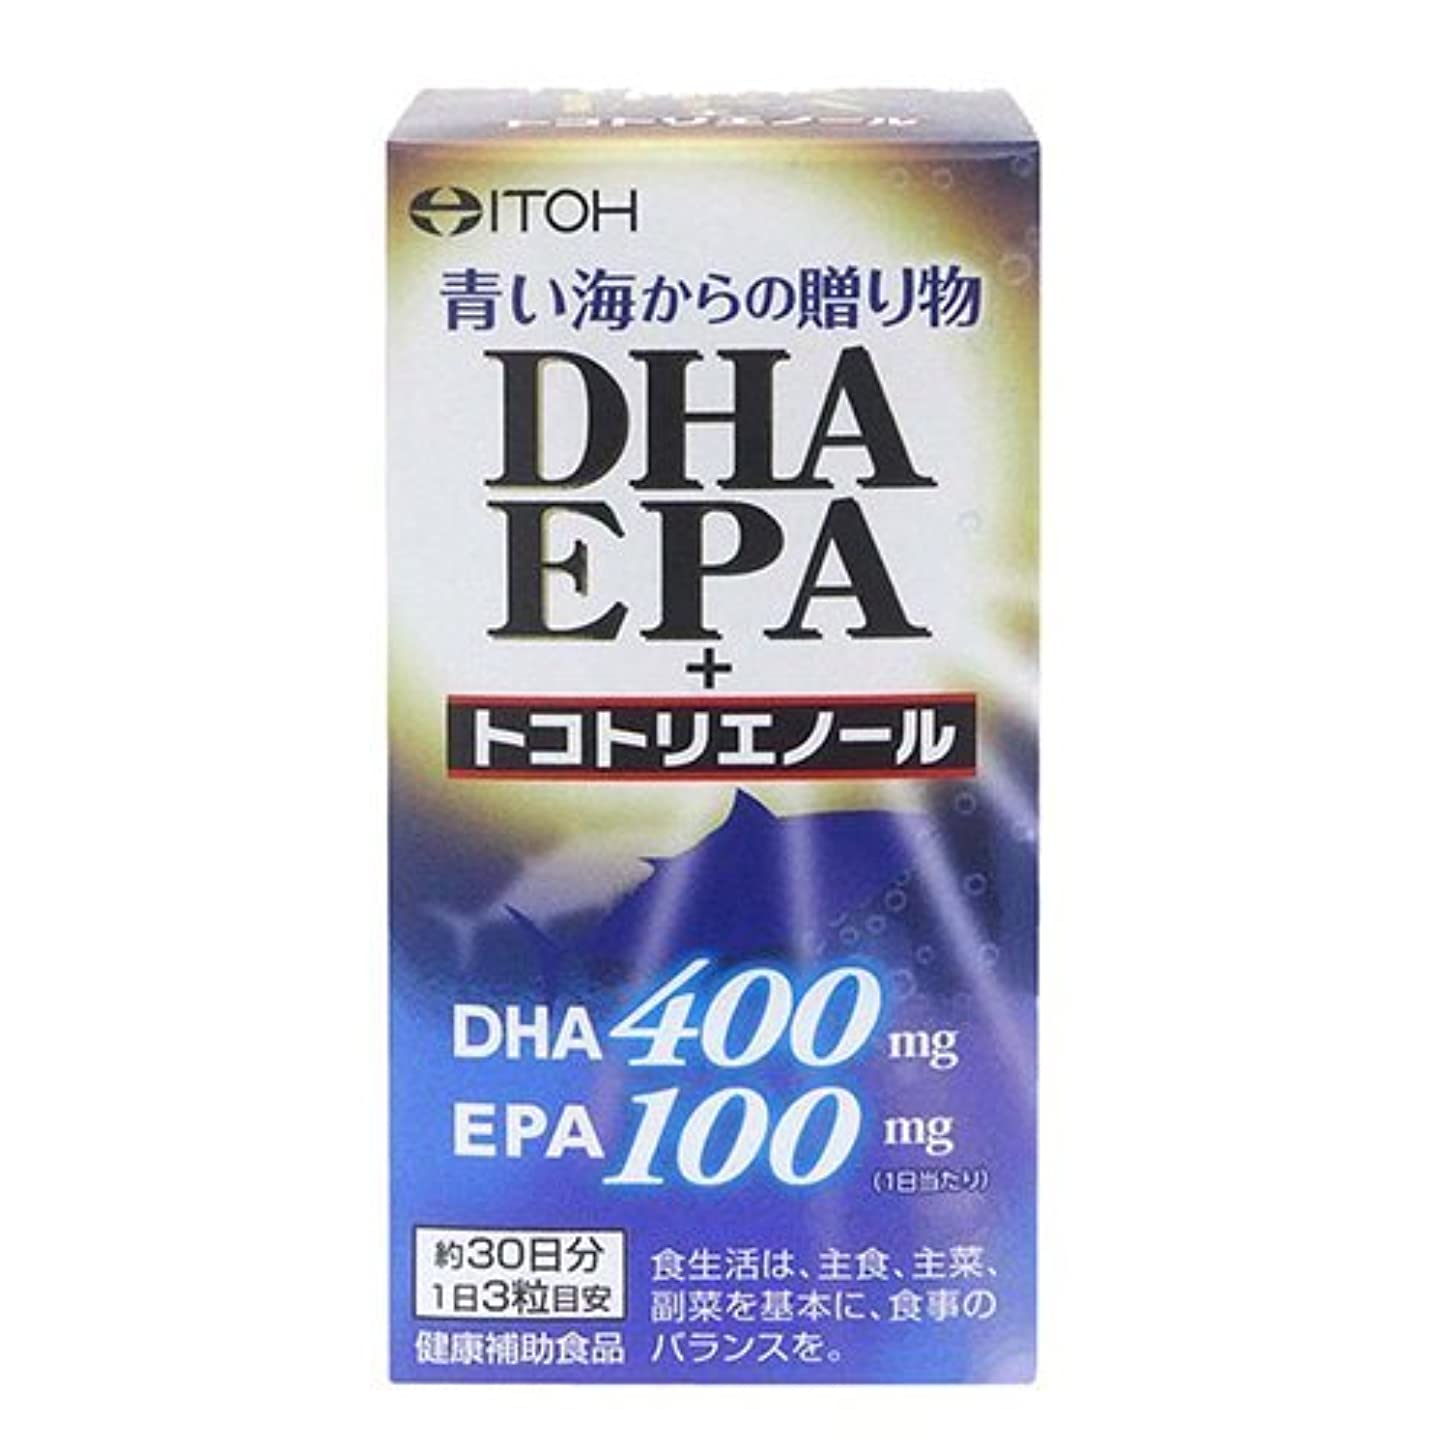 湖傭兵優遇井藤漢方製薬 DHA EPA+トコトリエノール 約30日分 90粒 Japan